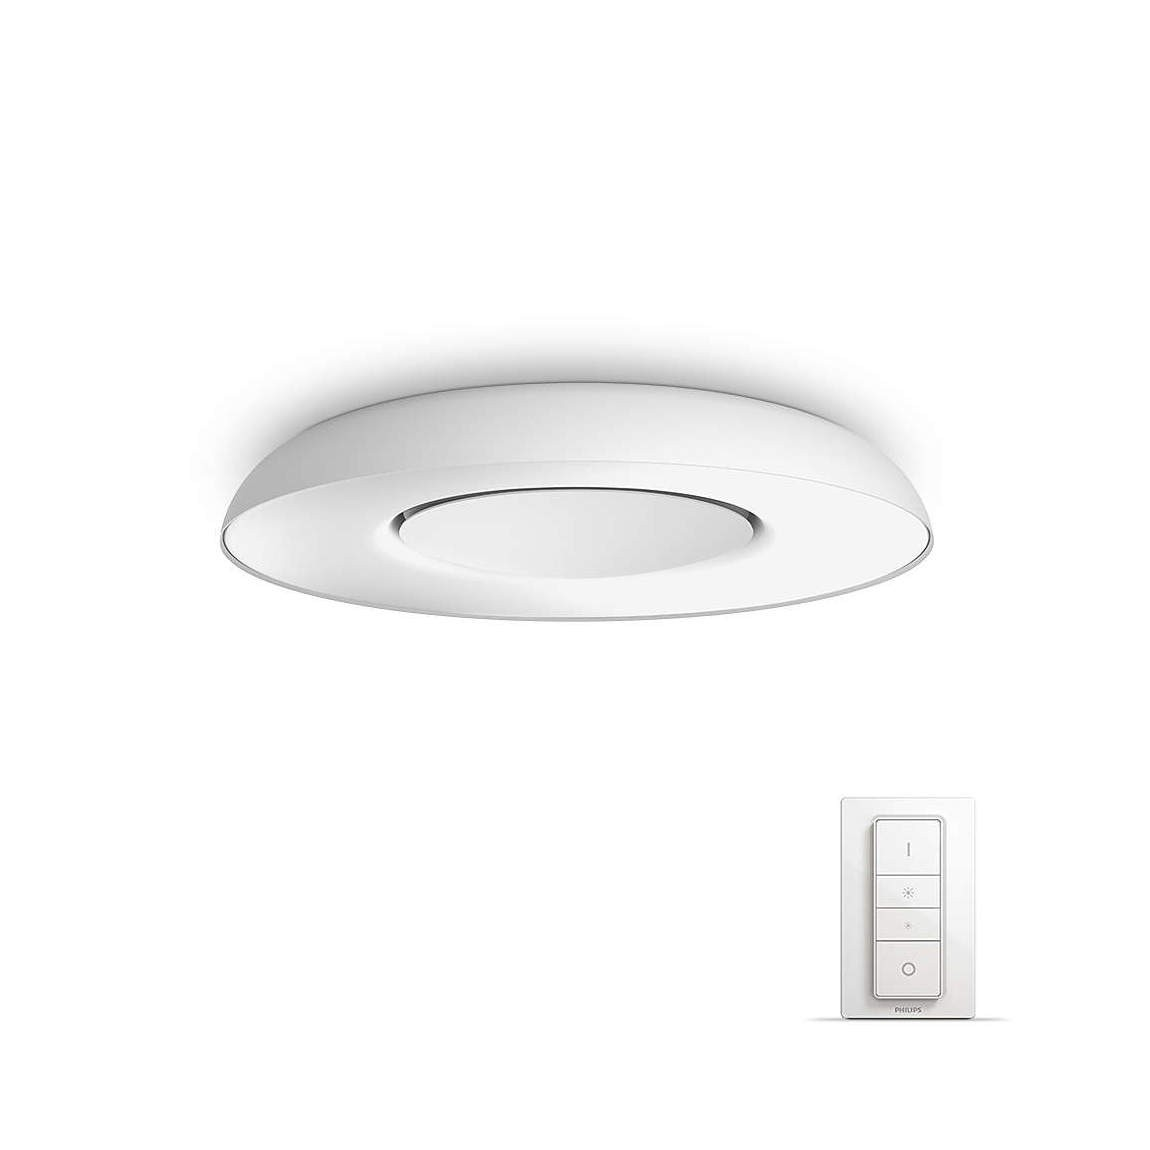 Philips Hue Still LED Deckenleuchte 2400lm inkl. Dimmschalter - Weiß